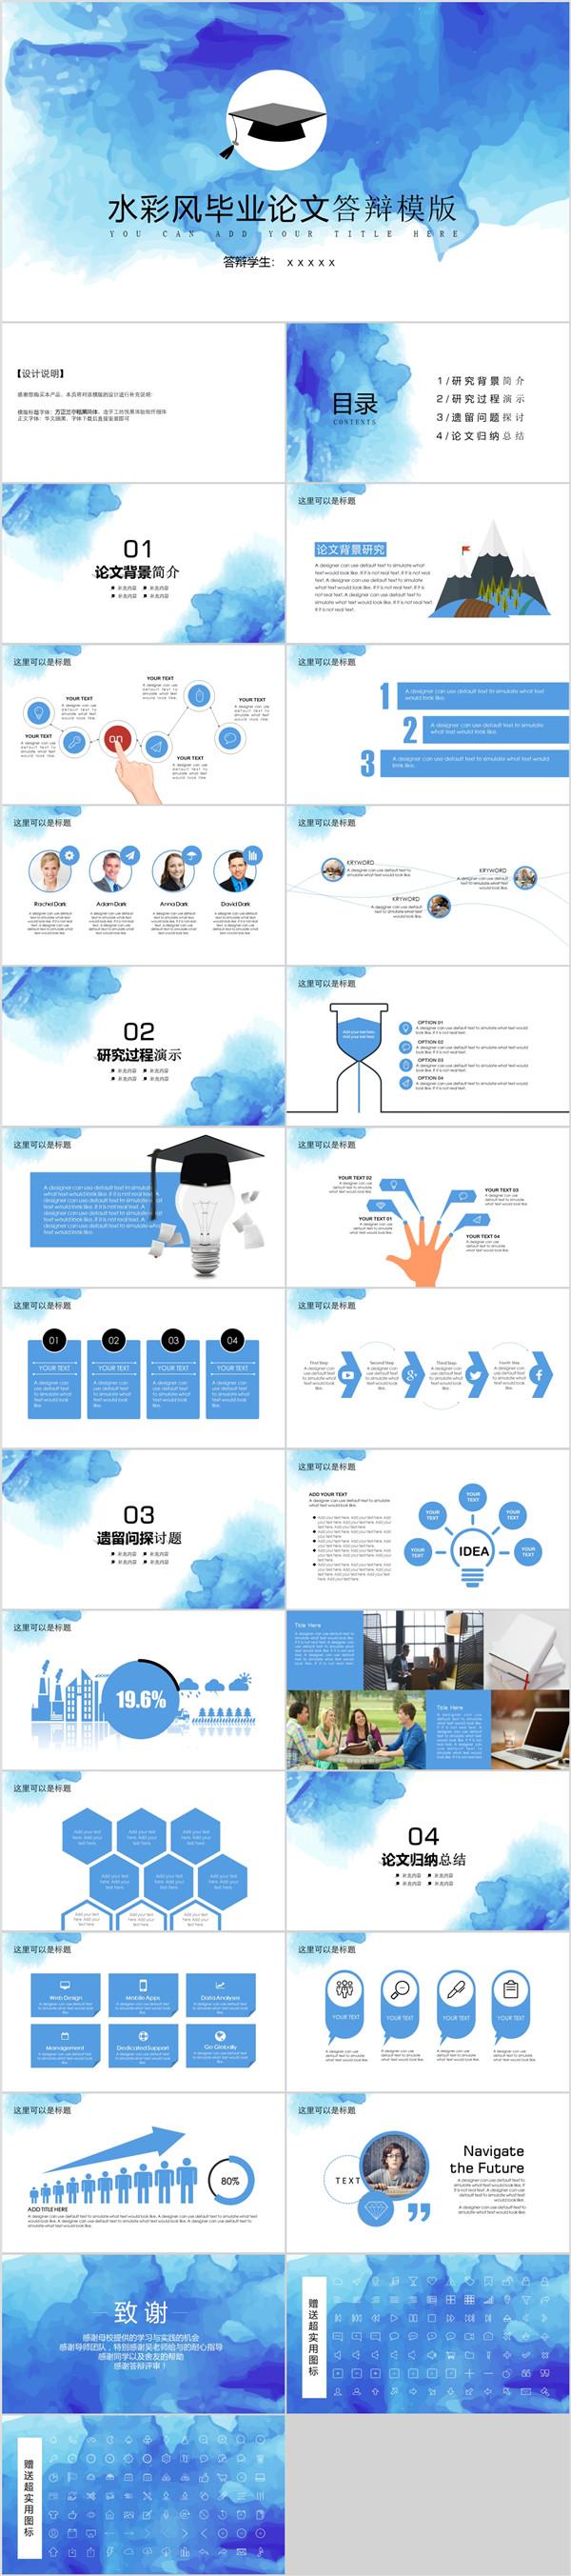 毕业答辩PPT模板036